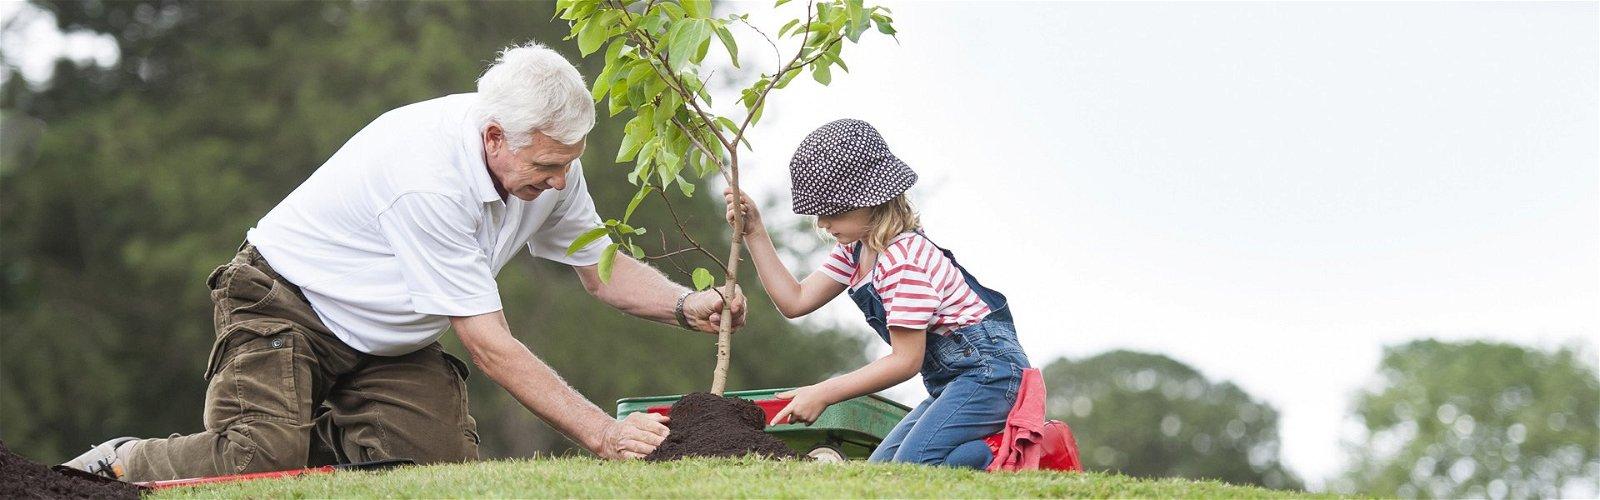 Senior mand og barn planter et træ